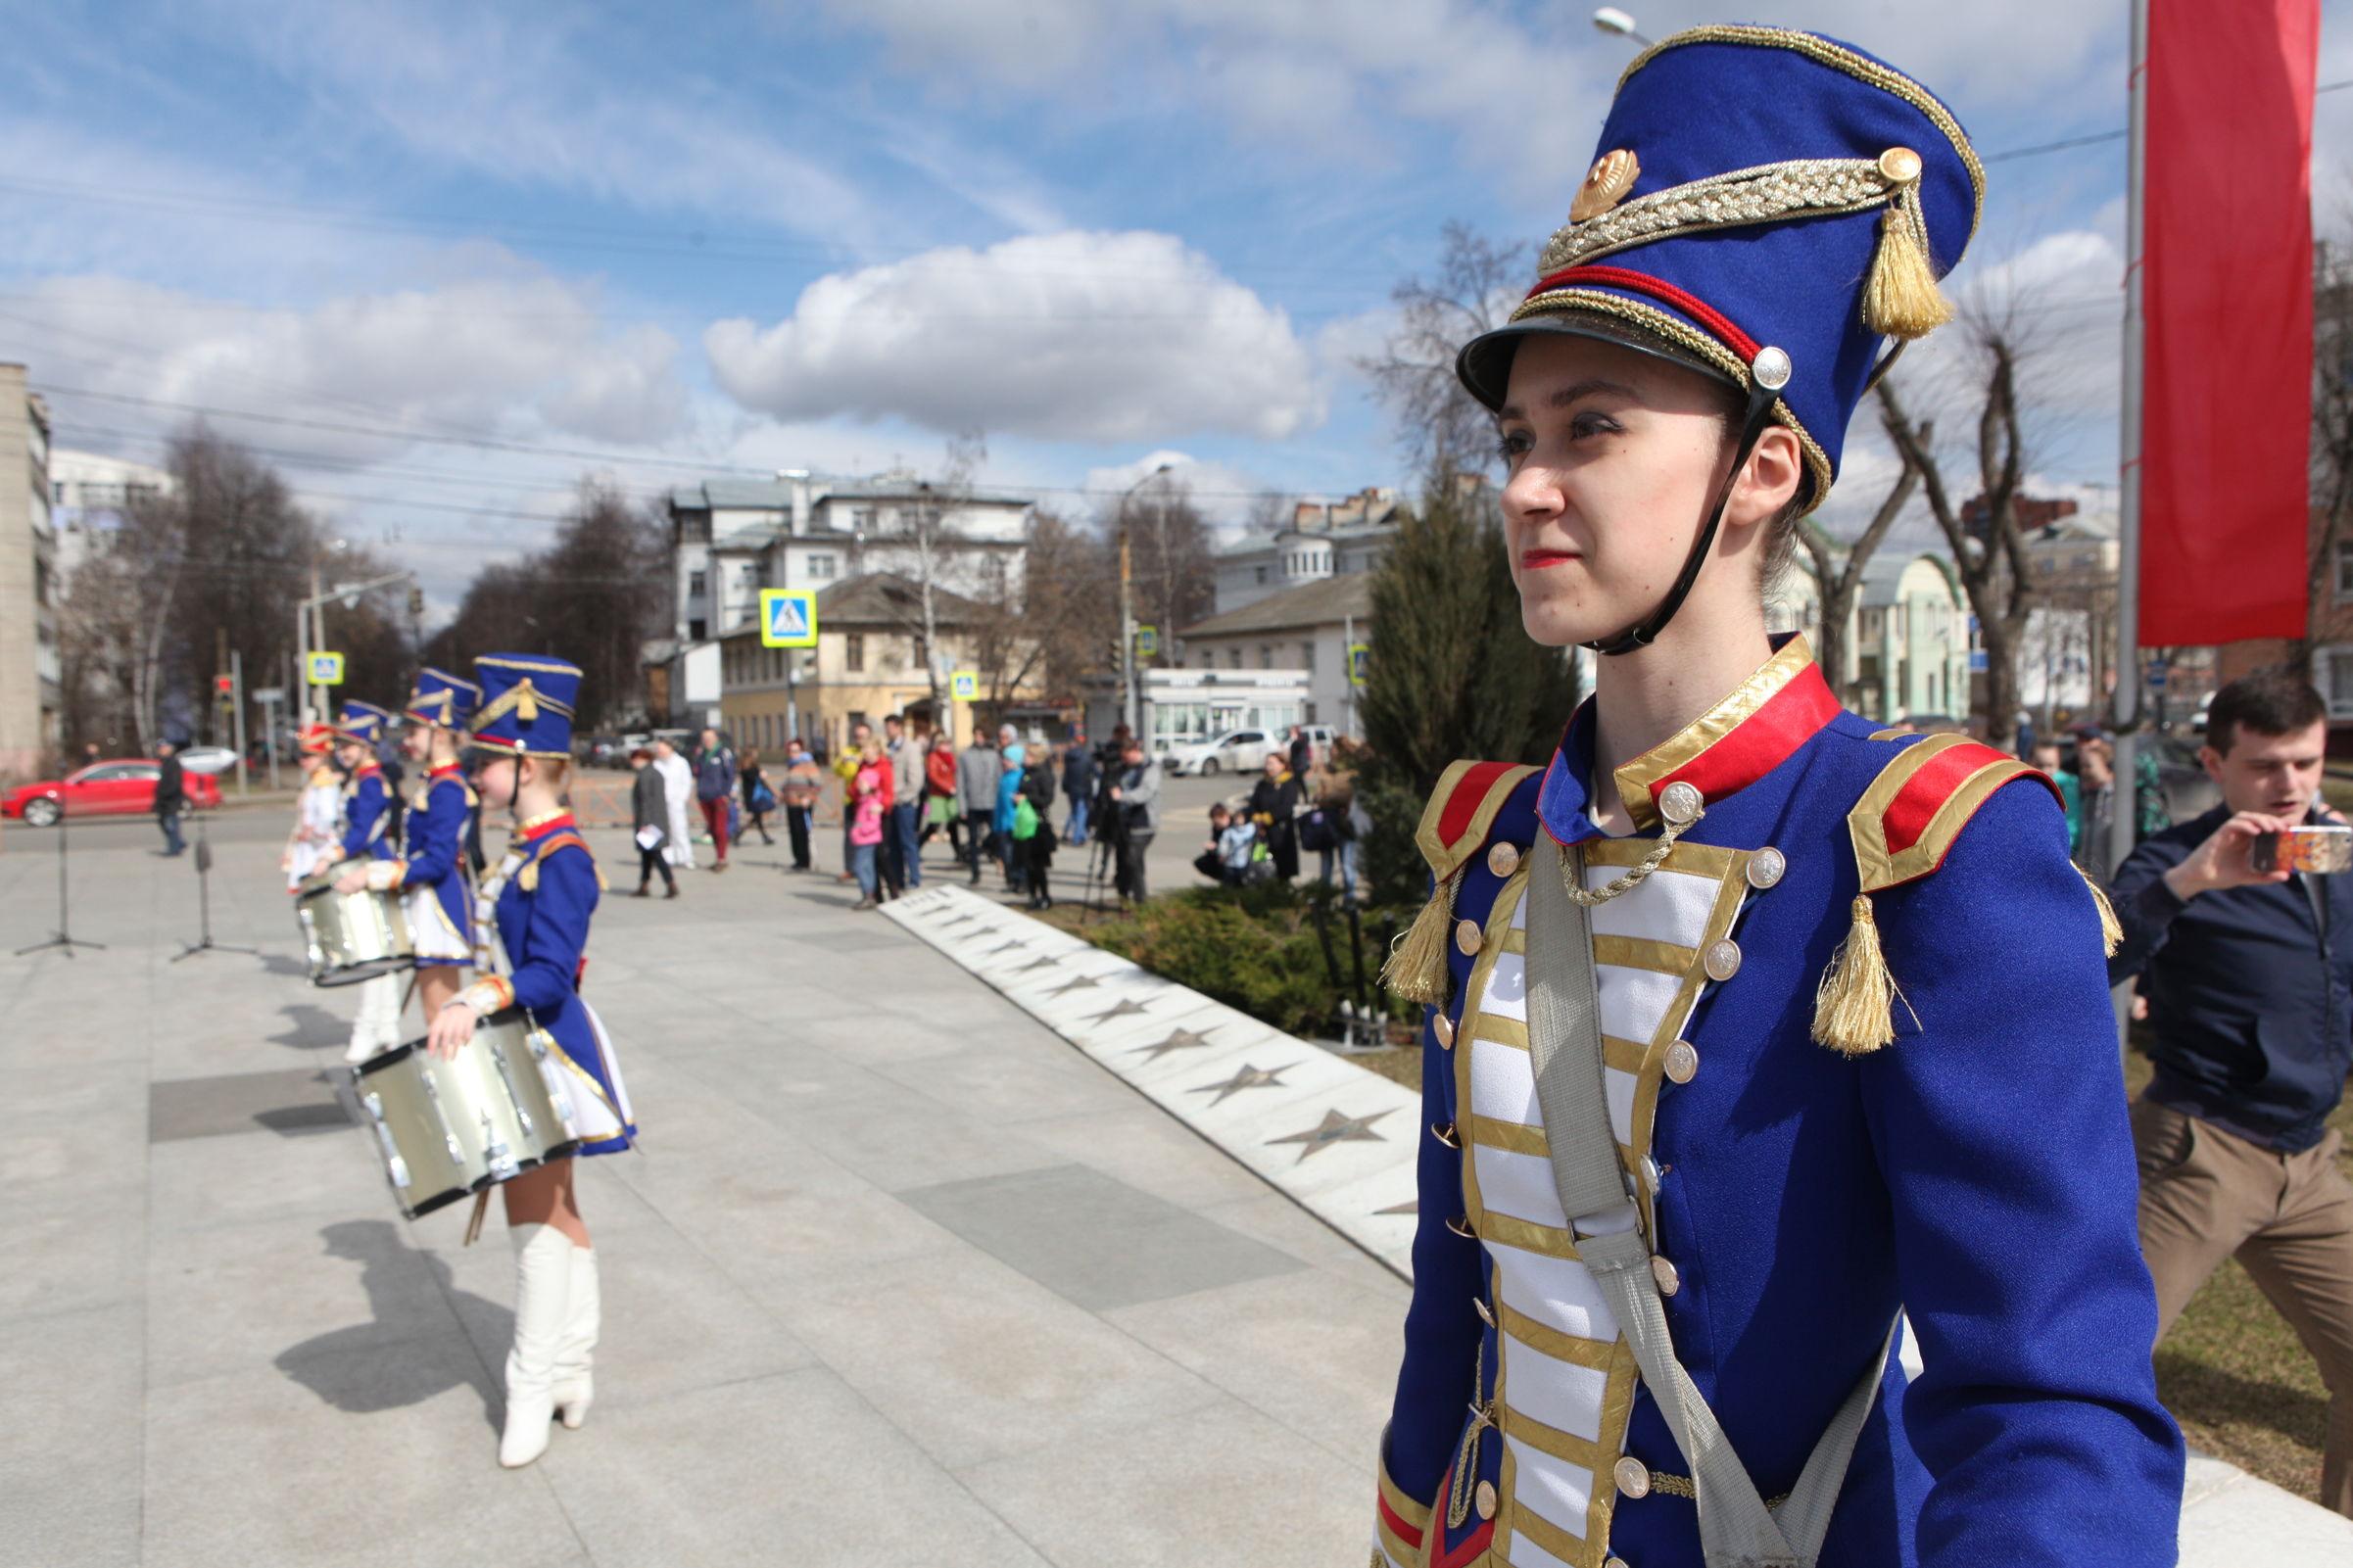 В Ярославле на аллее космонавтов установили звезду Сергея Крикалева: фоторепортаж